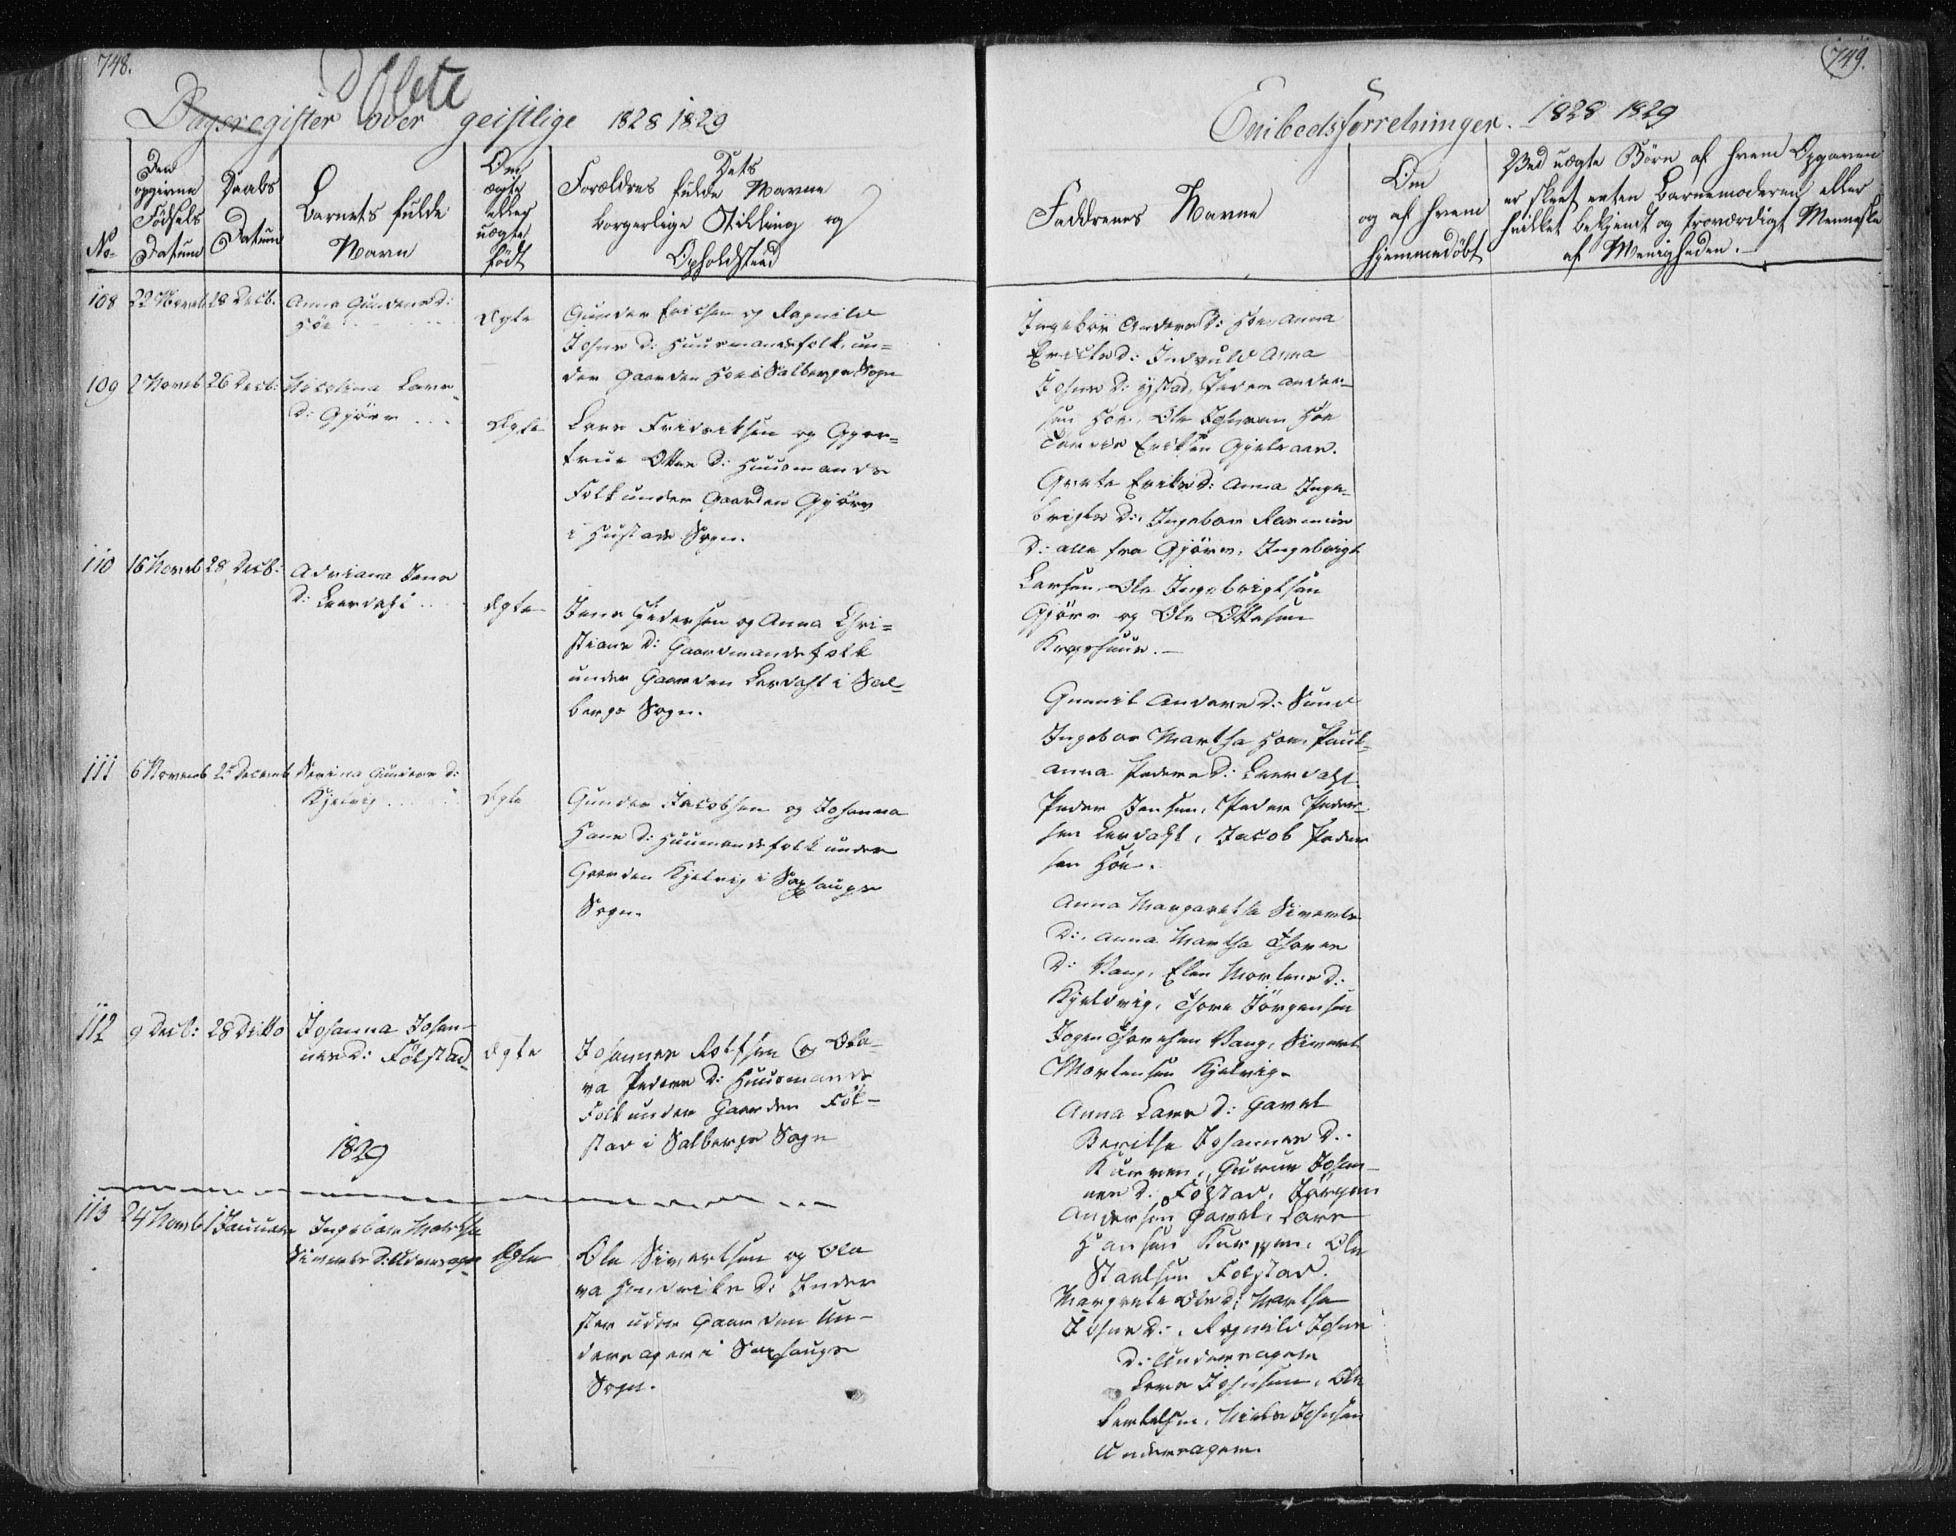 SAT, Ministerialprotokoller, klokkerbøker og fødselsregistre - Nord-Trøndelag, 730/L0276: Ministerialbok nr. 730A05, 1822-1830, s. 748-749